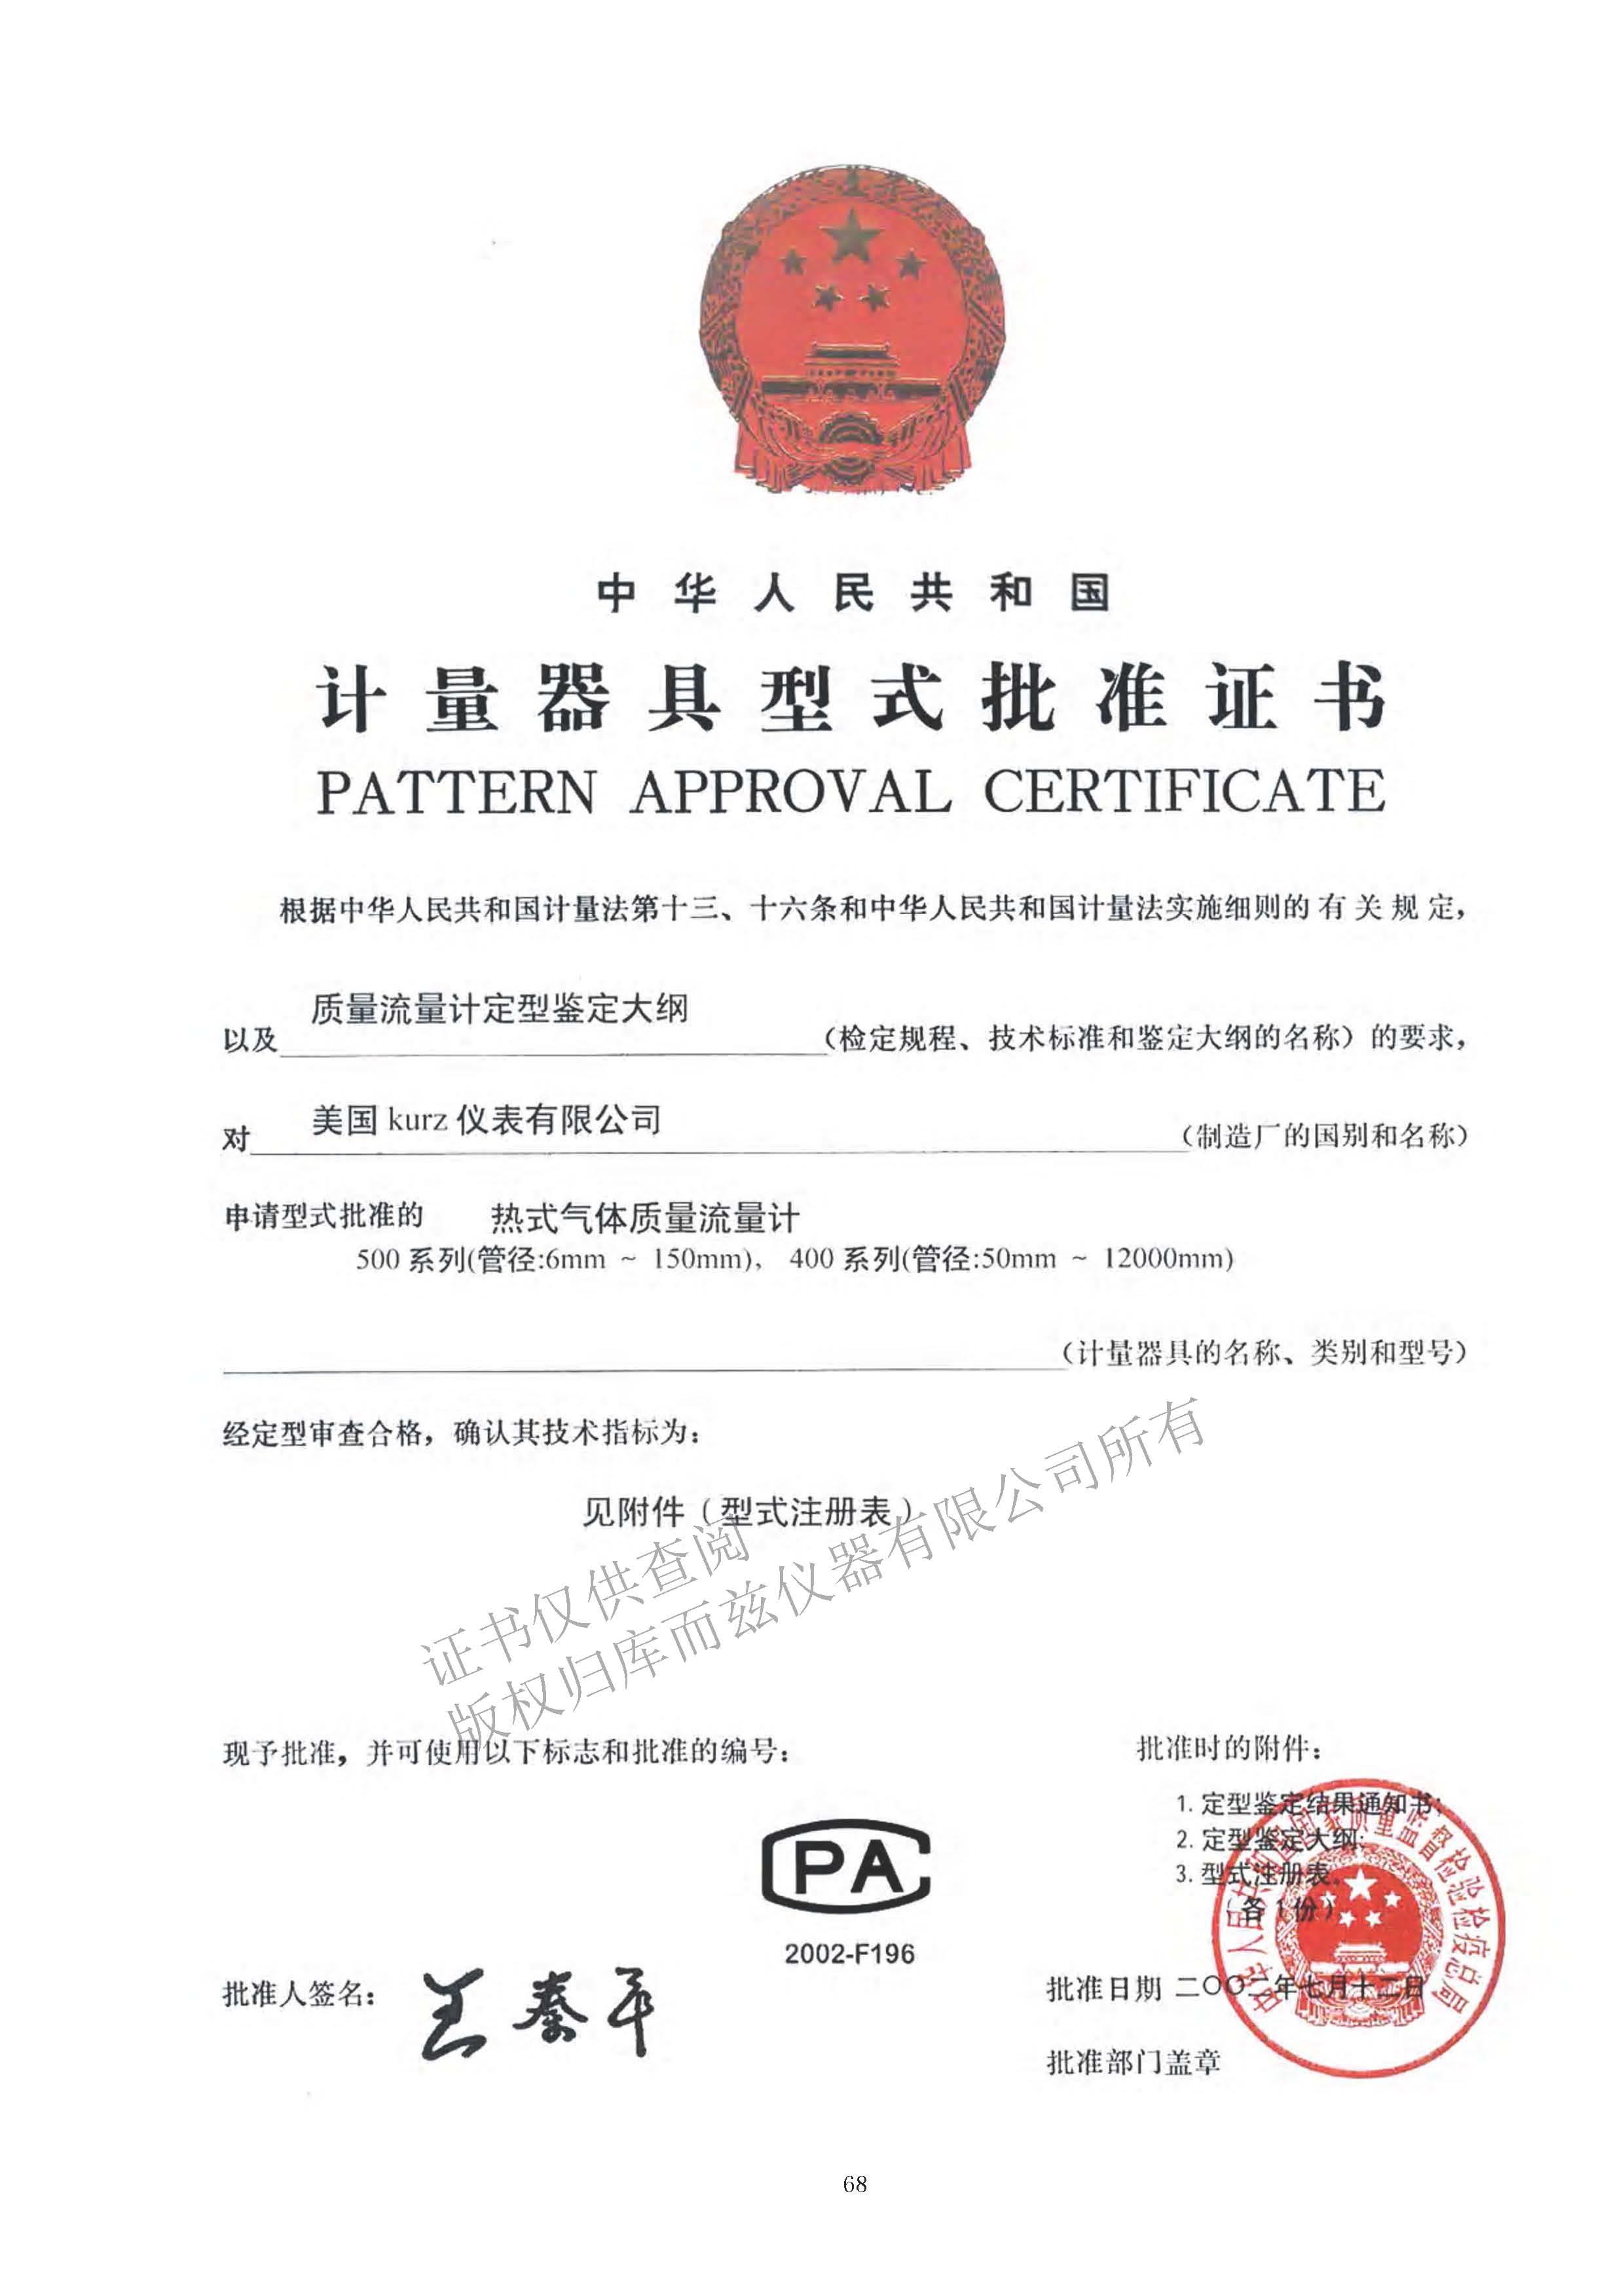 KURZ形式批准证书-cpa